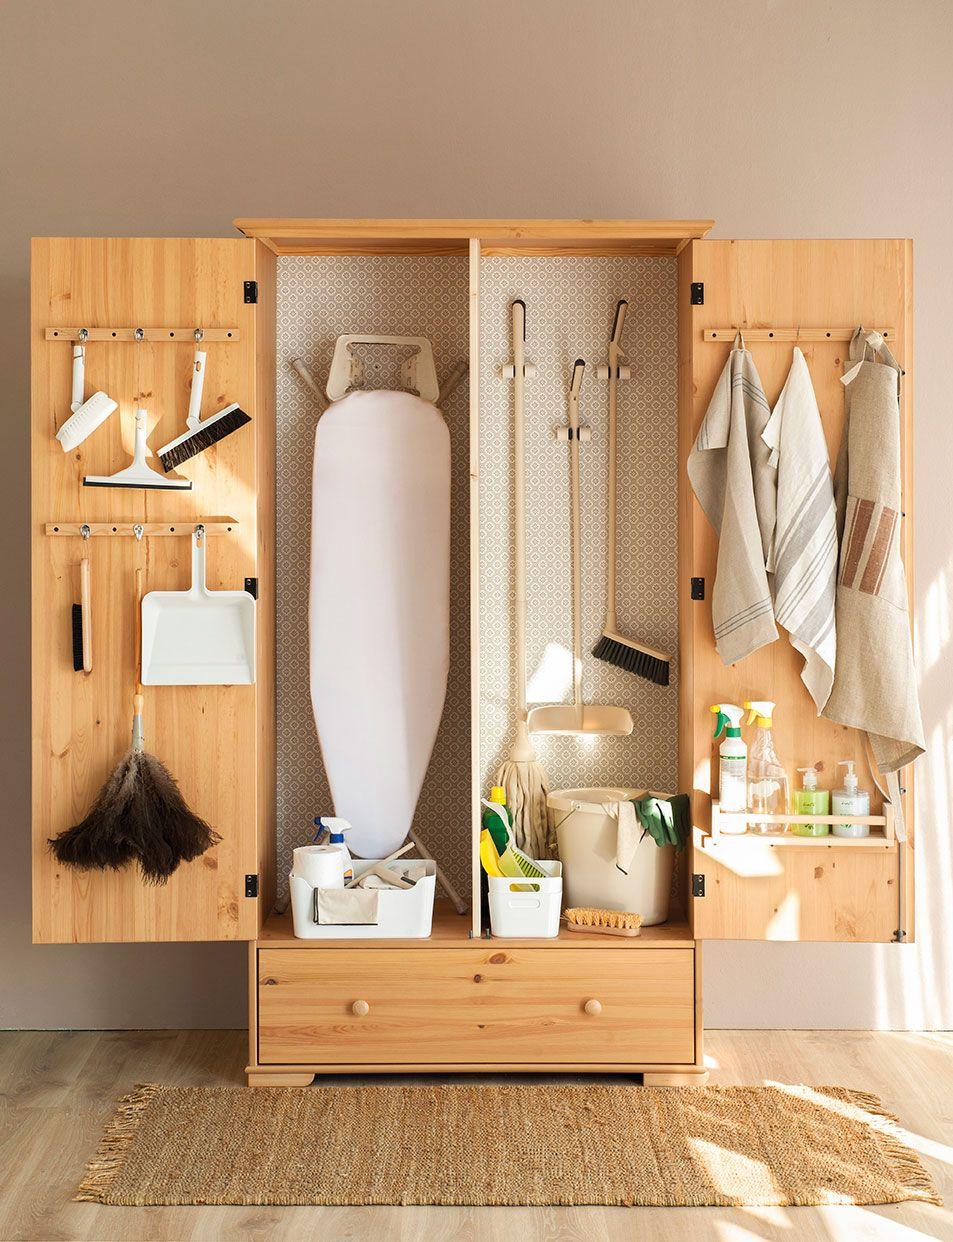 Armarios roperos, armarios de cocina y armarios de baño - El Mueble ...